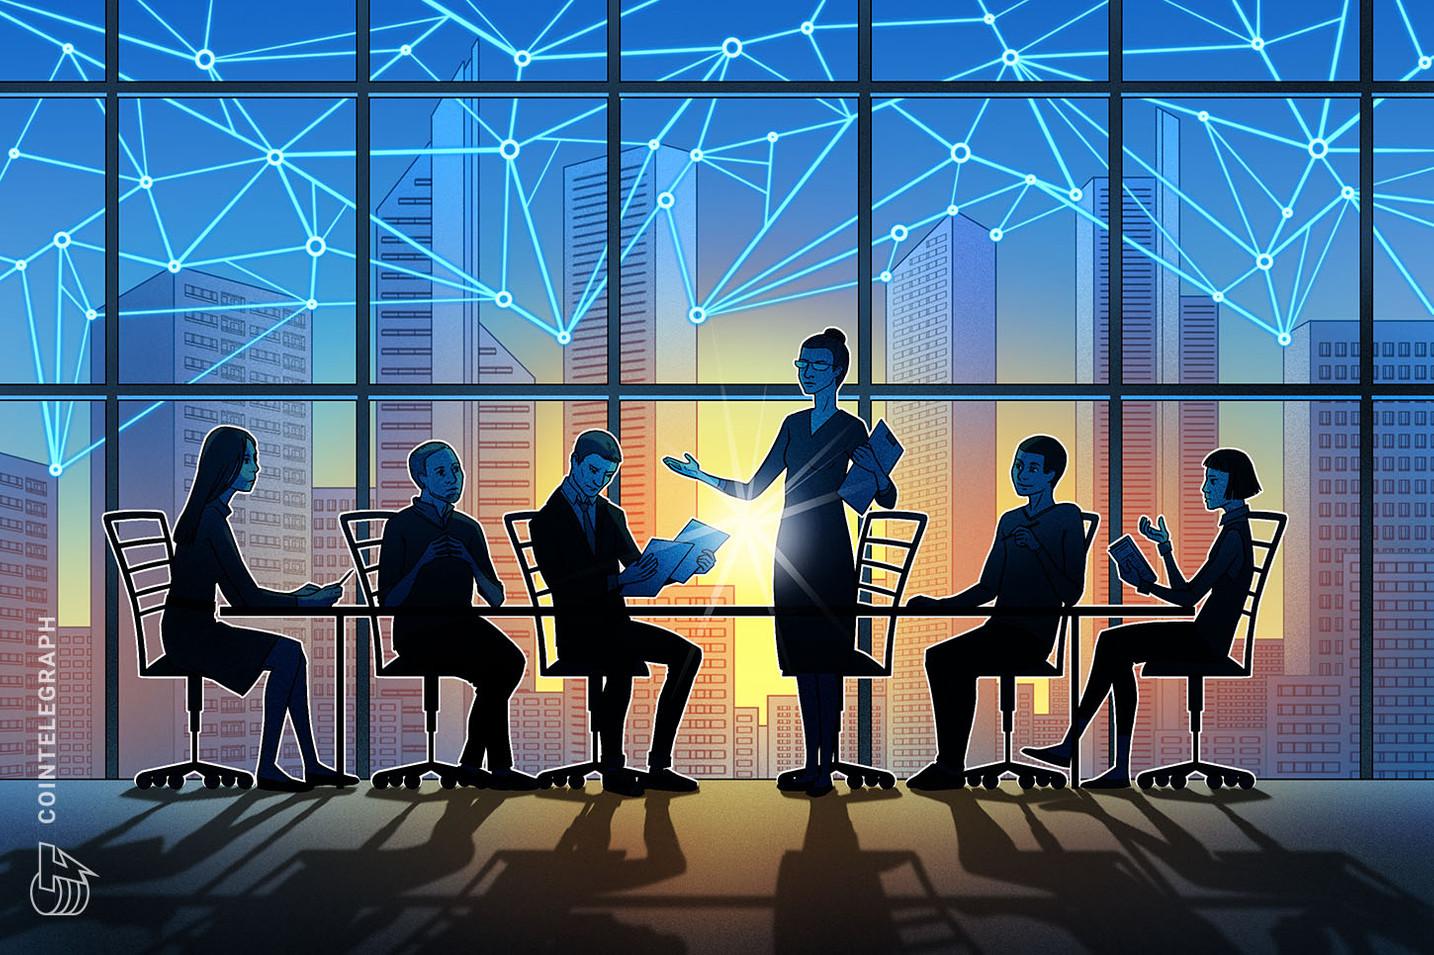 P2P (peer-to-peer ya da eşten eşe) ağlar yasalara uygun mu?